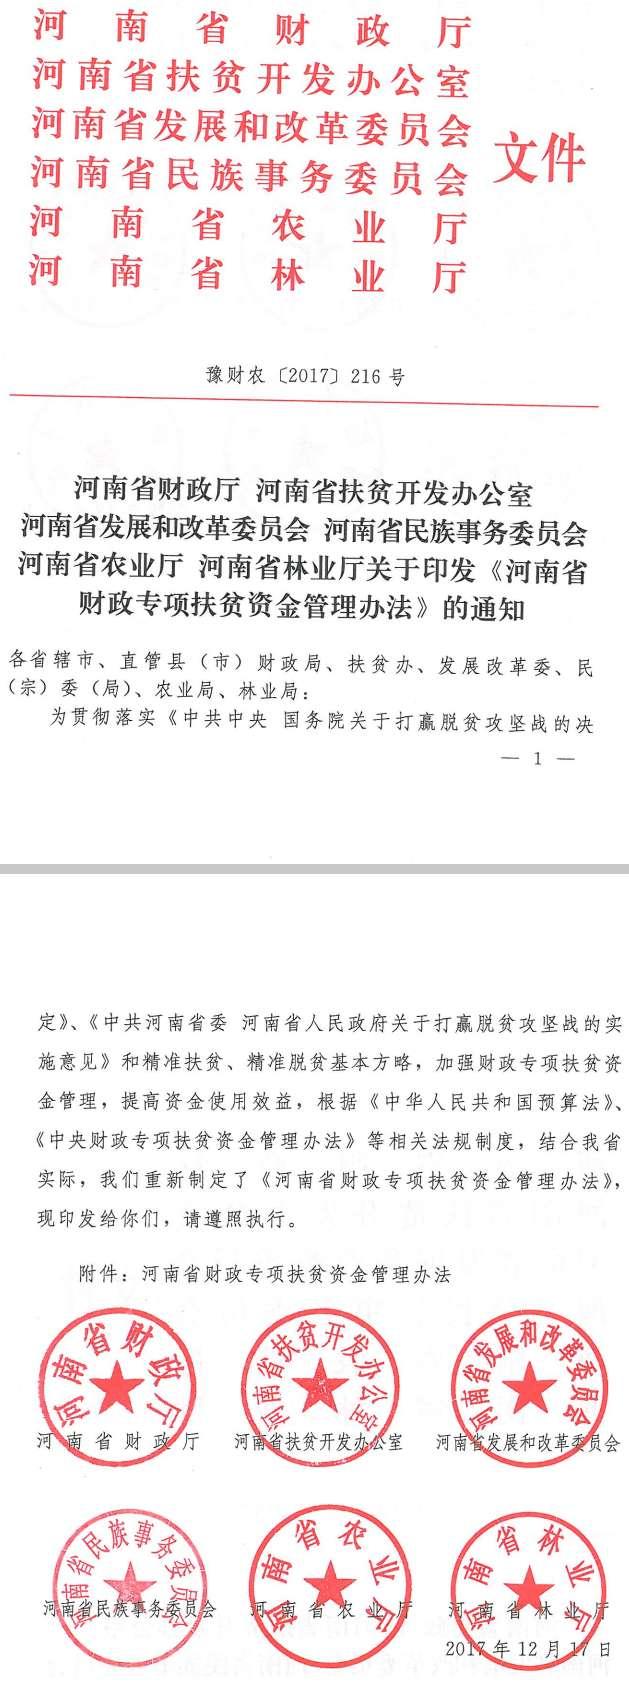 豫财农〔2017〕216号《河南省财政专项扶贫资金管理办法》